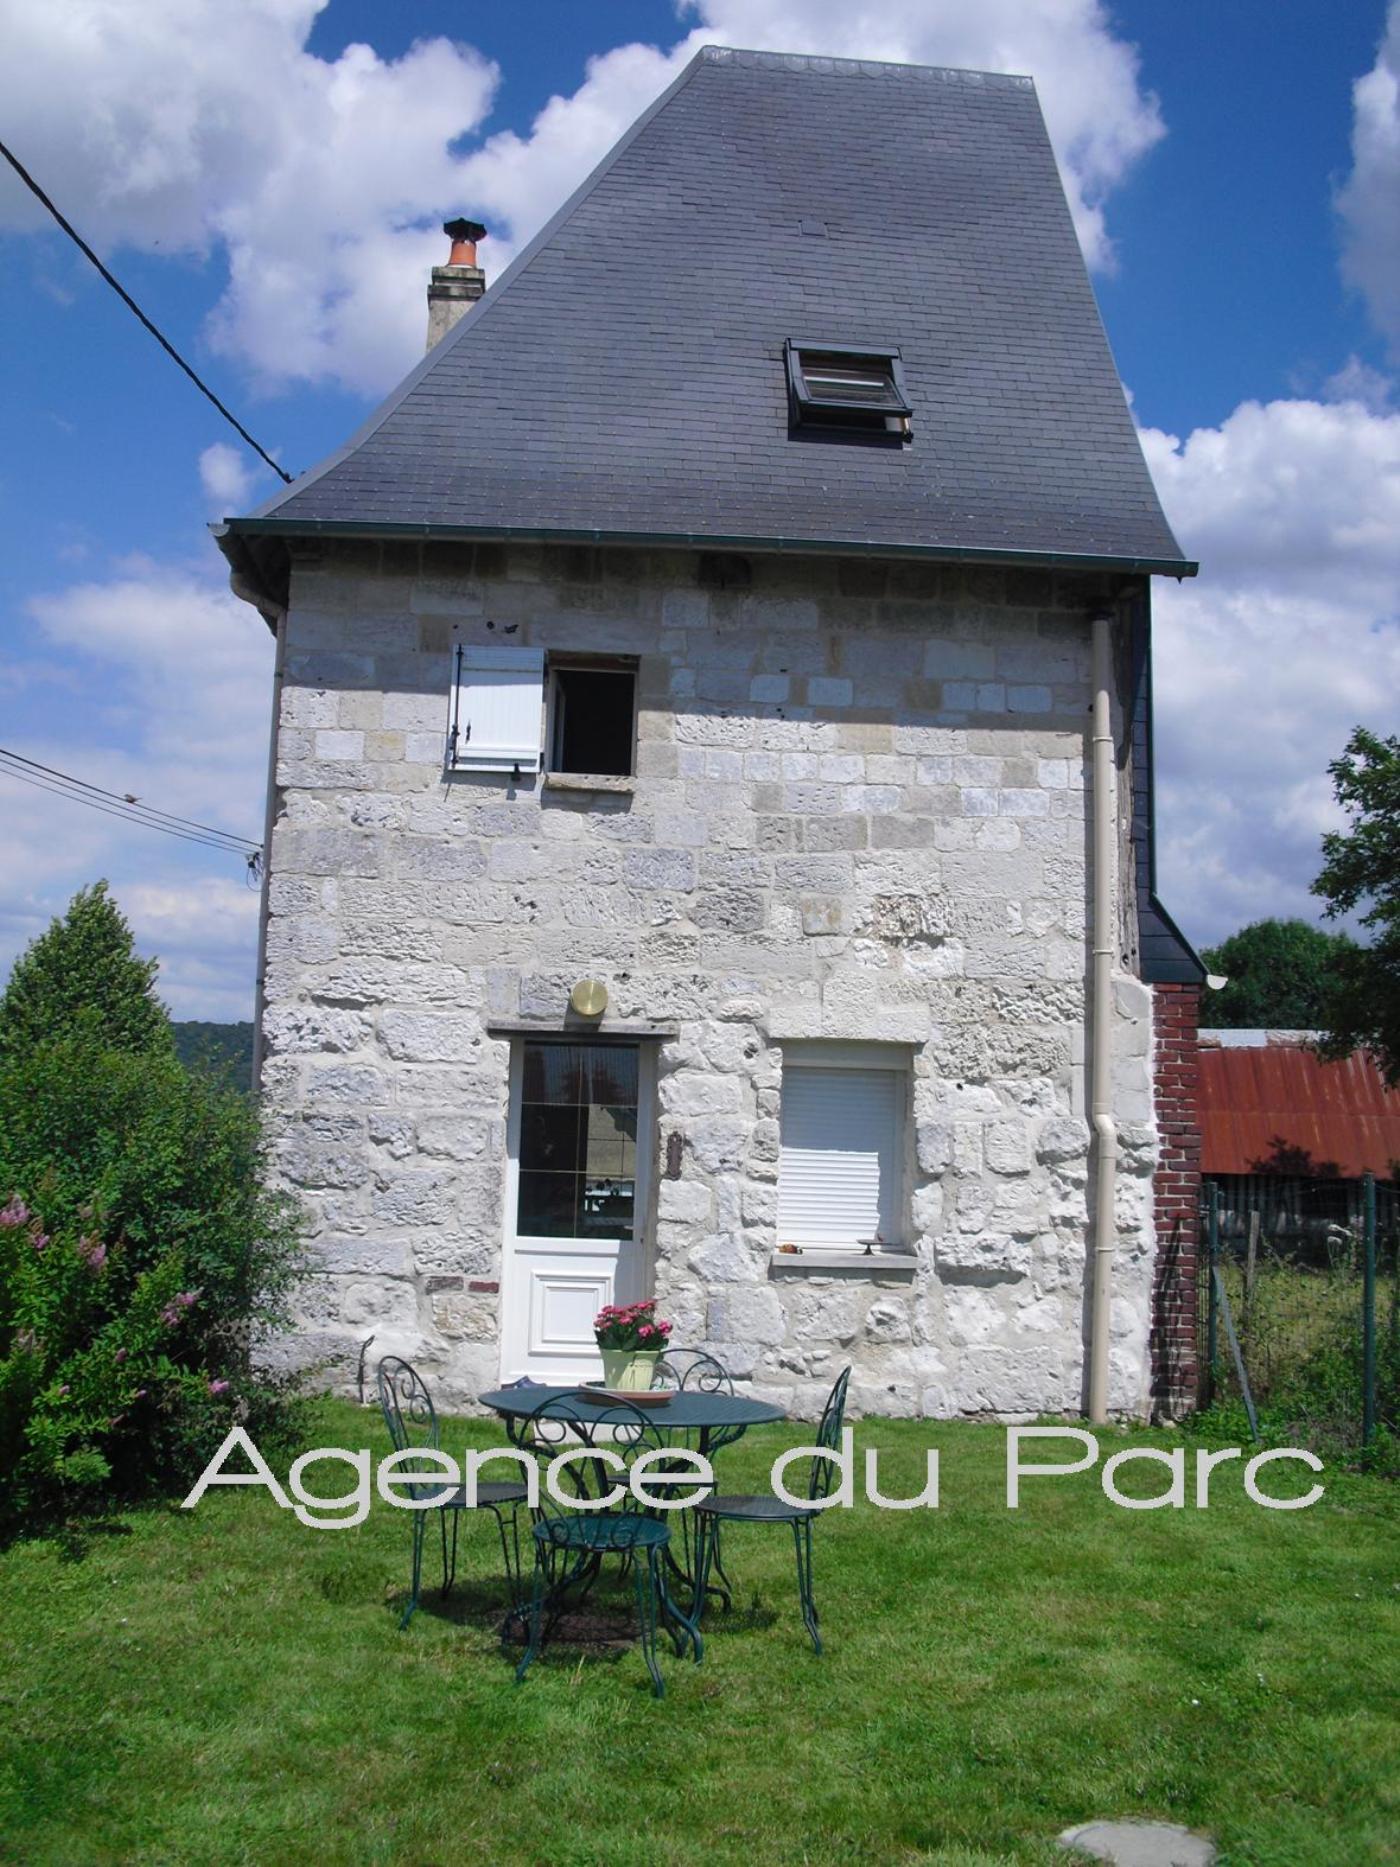 Acheter vente d une maison 28 images acheter vente d for Acheter une maison neuve